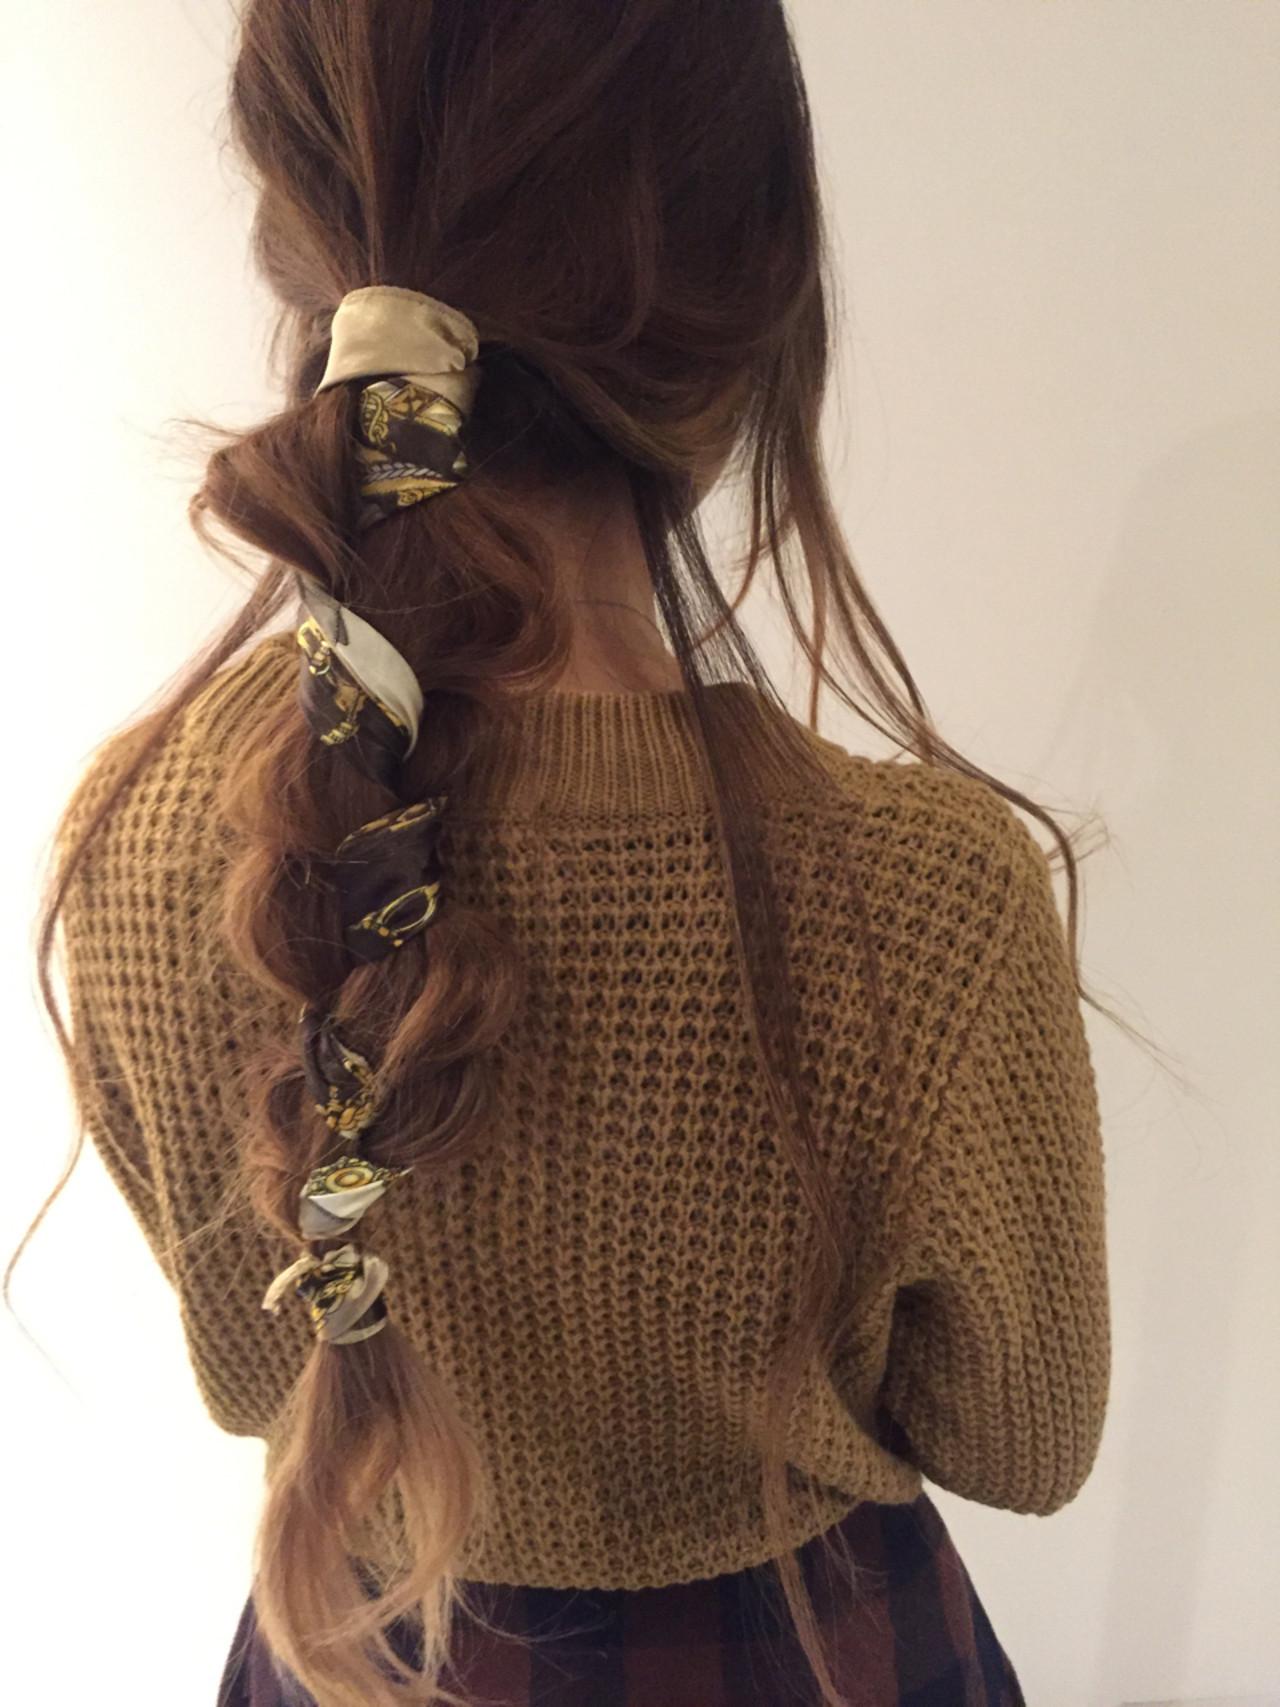 女子って髪型が変わると気分も変わるの♡幸せ気分になれる可愛い髪型 北口 和樹